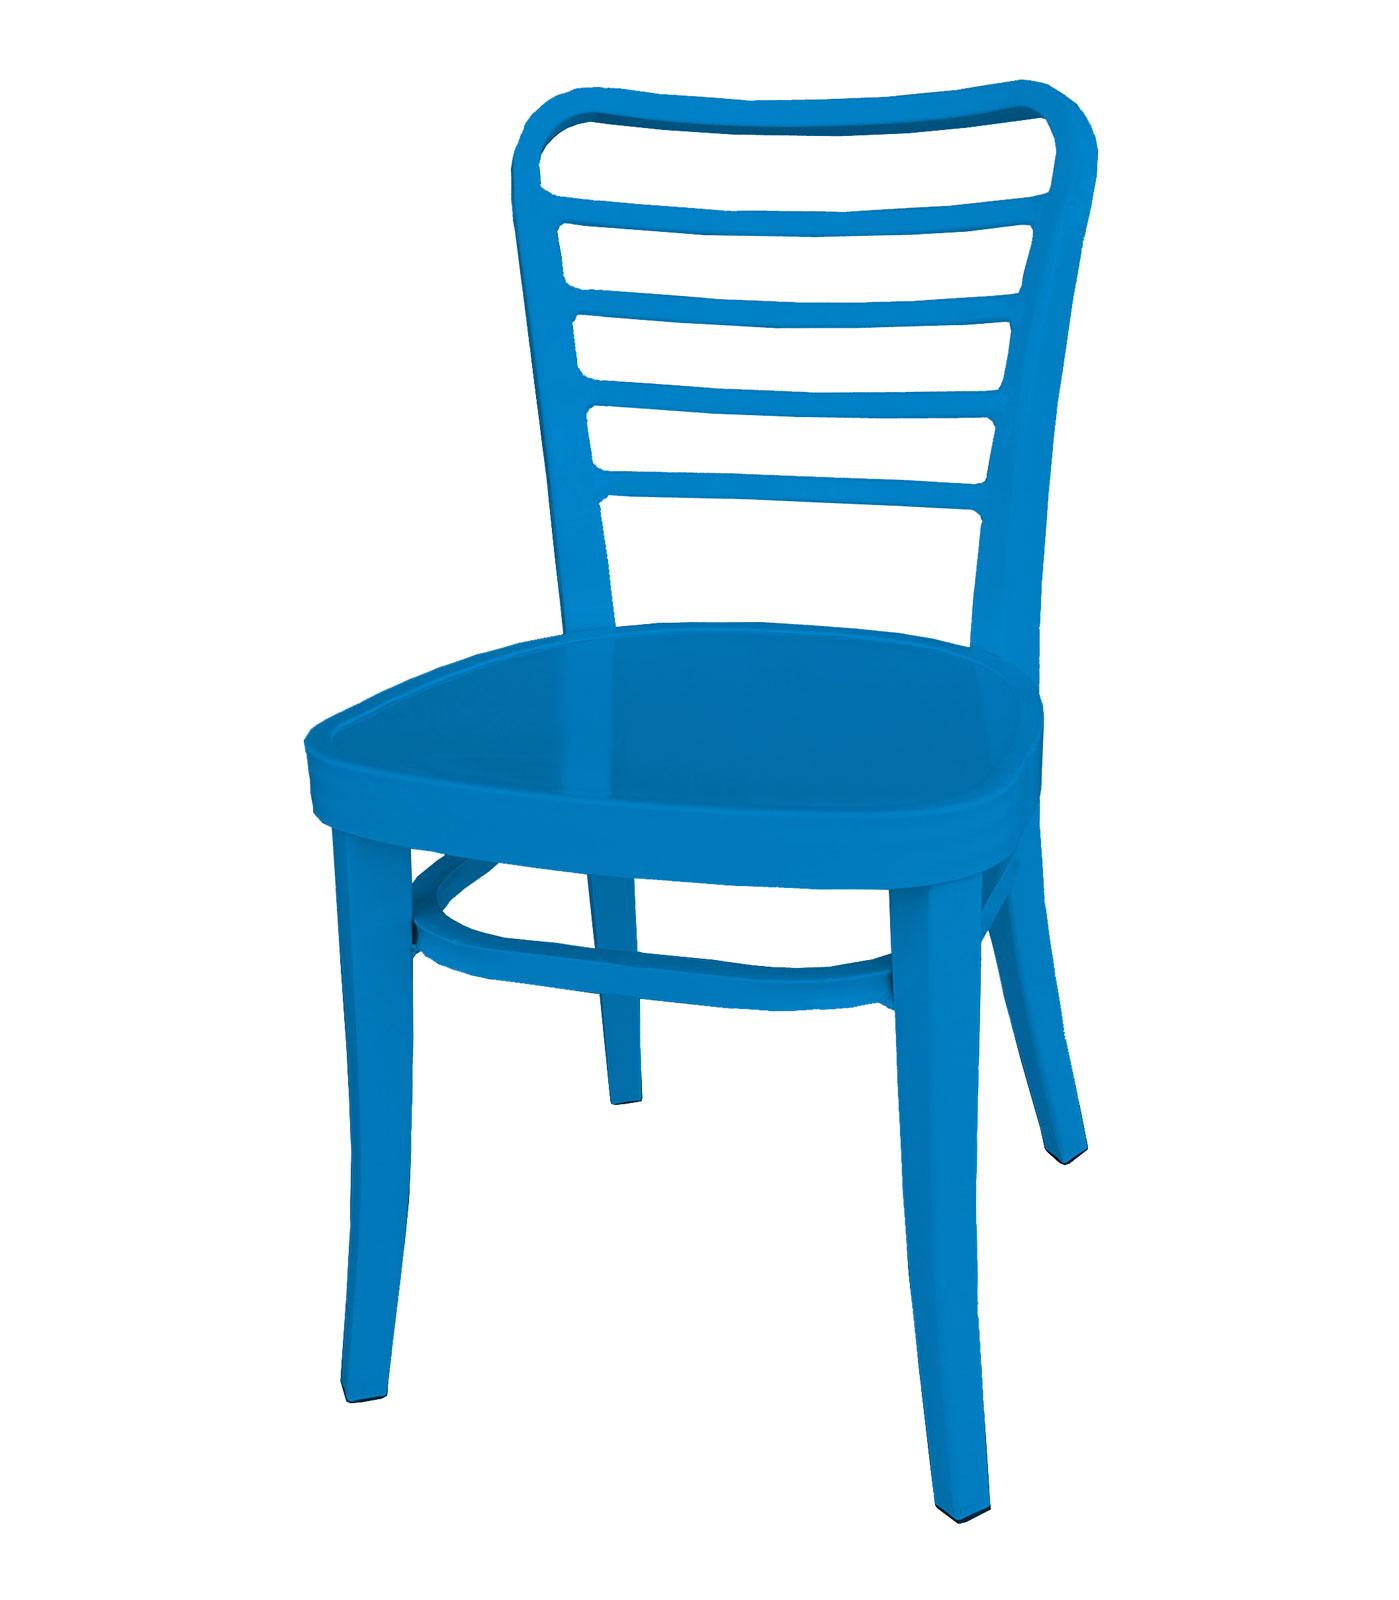 Blue Chair Clipart - Clip Art Library